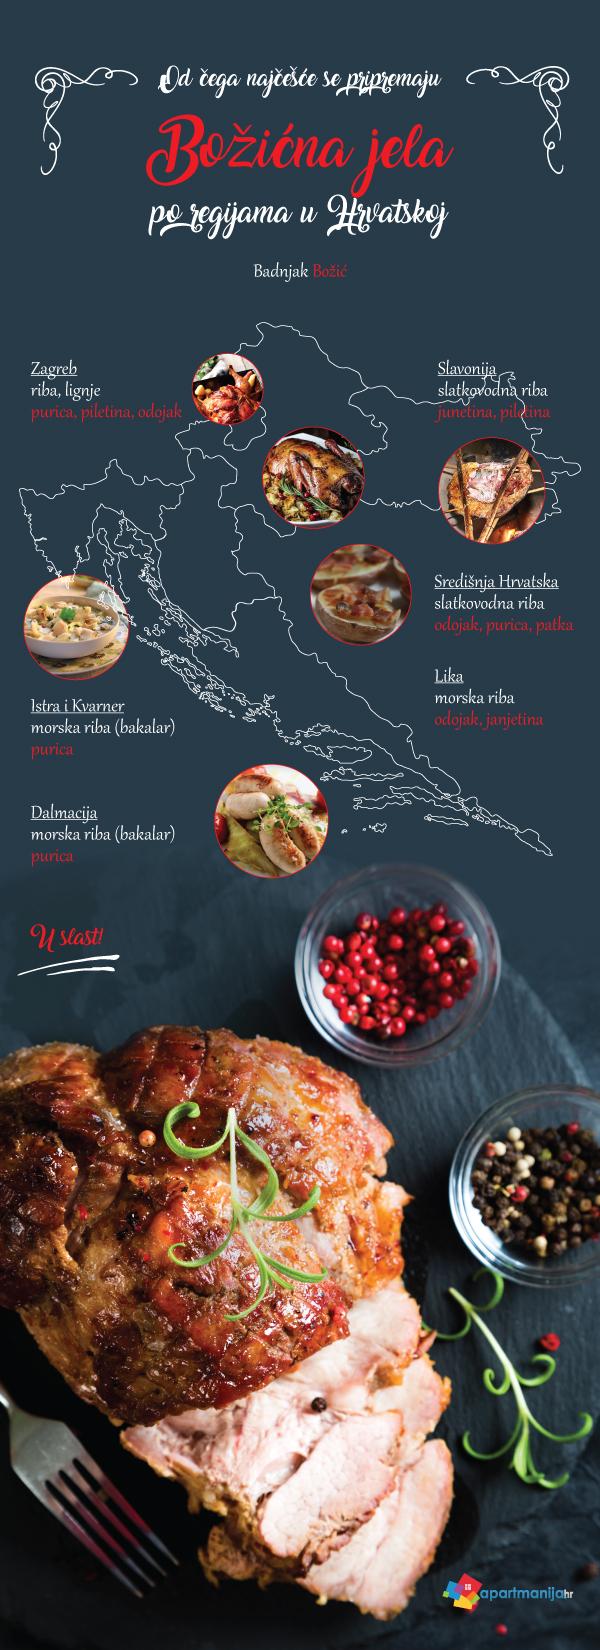 Božićna jela po regijama Hrvatske